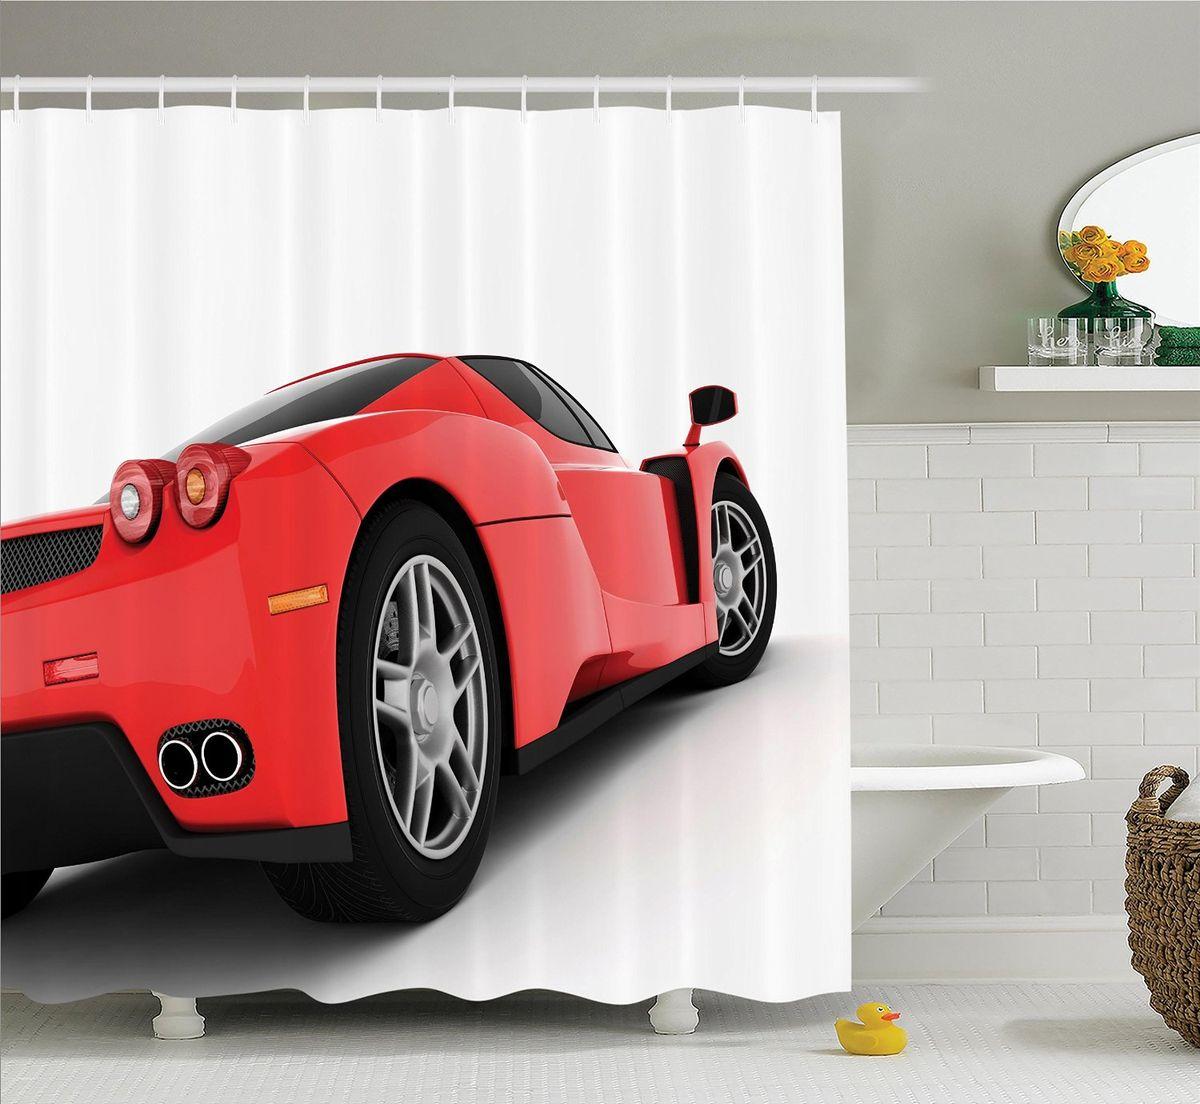 Штора для ванной комнаты Magic Lady Красная машина, 180 х 200 см531-105Штора Magic Lady Красная машина, изготовленная из высококачественного сатена (полиэстер 100%), отлично дополнит любой интерьер ванной комнаты. При изготовлении используются специальные гипоаллергенные чернила для прямой печати по ткани, безопасные для человека.В комплекте: 1 штора, 12 крючков. Обращаем ваше внимание, фактический цвет изделия может незначительно отличаться от представленного на фото.